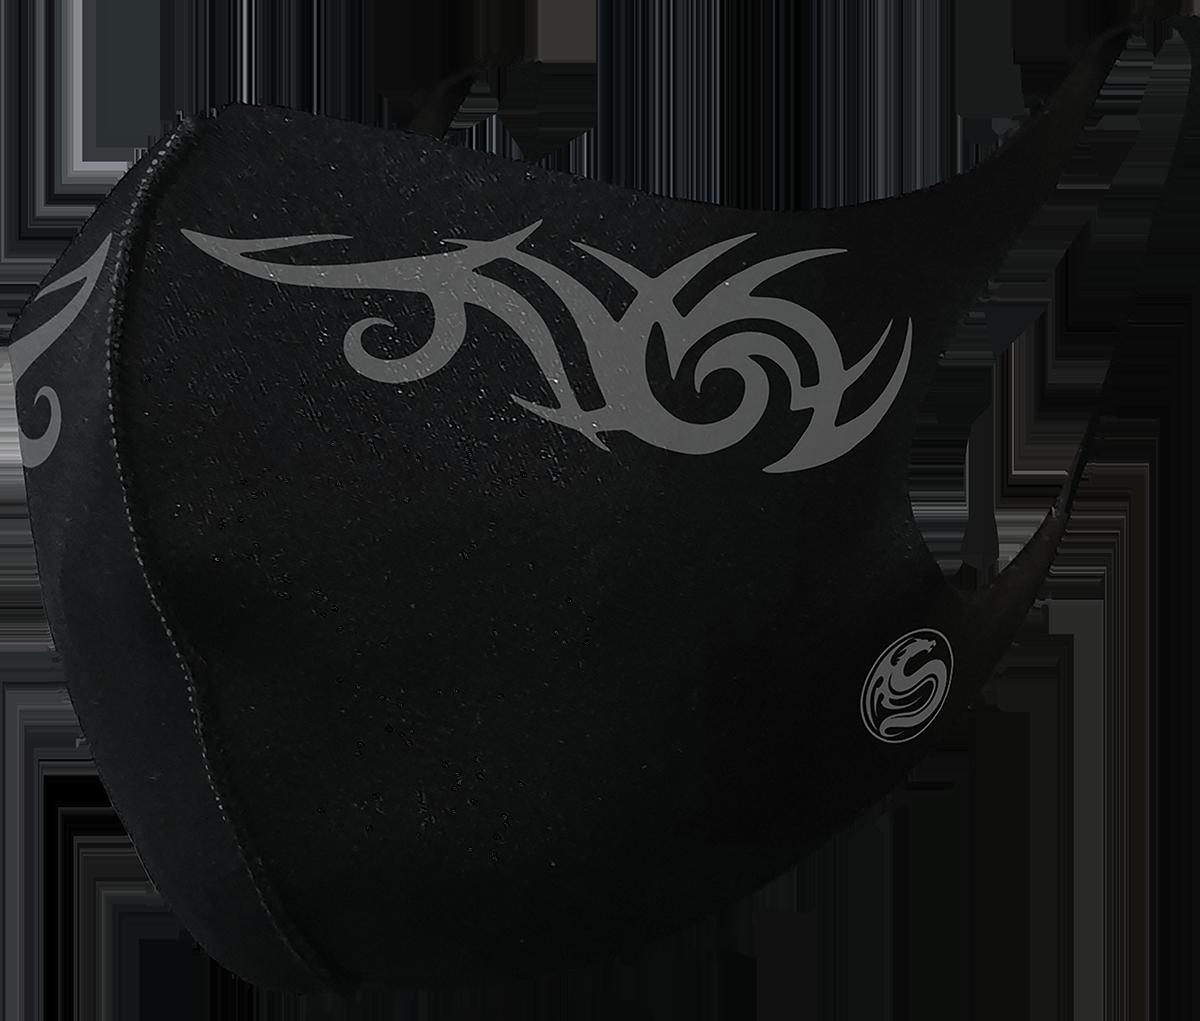 Spiral - Tribal Mundbedeckung  - Mundbedeckung - schwarz